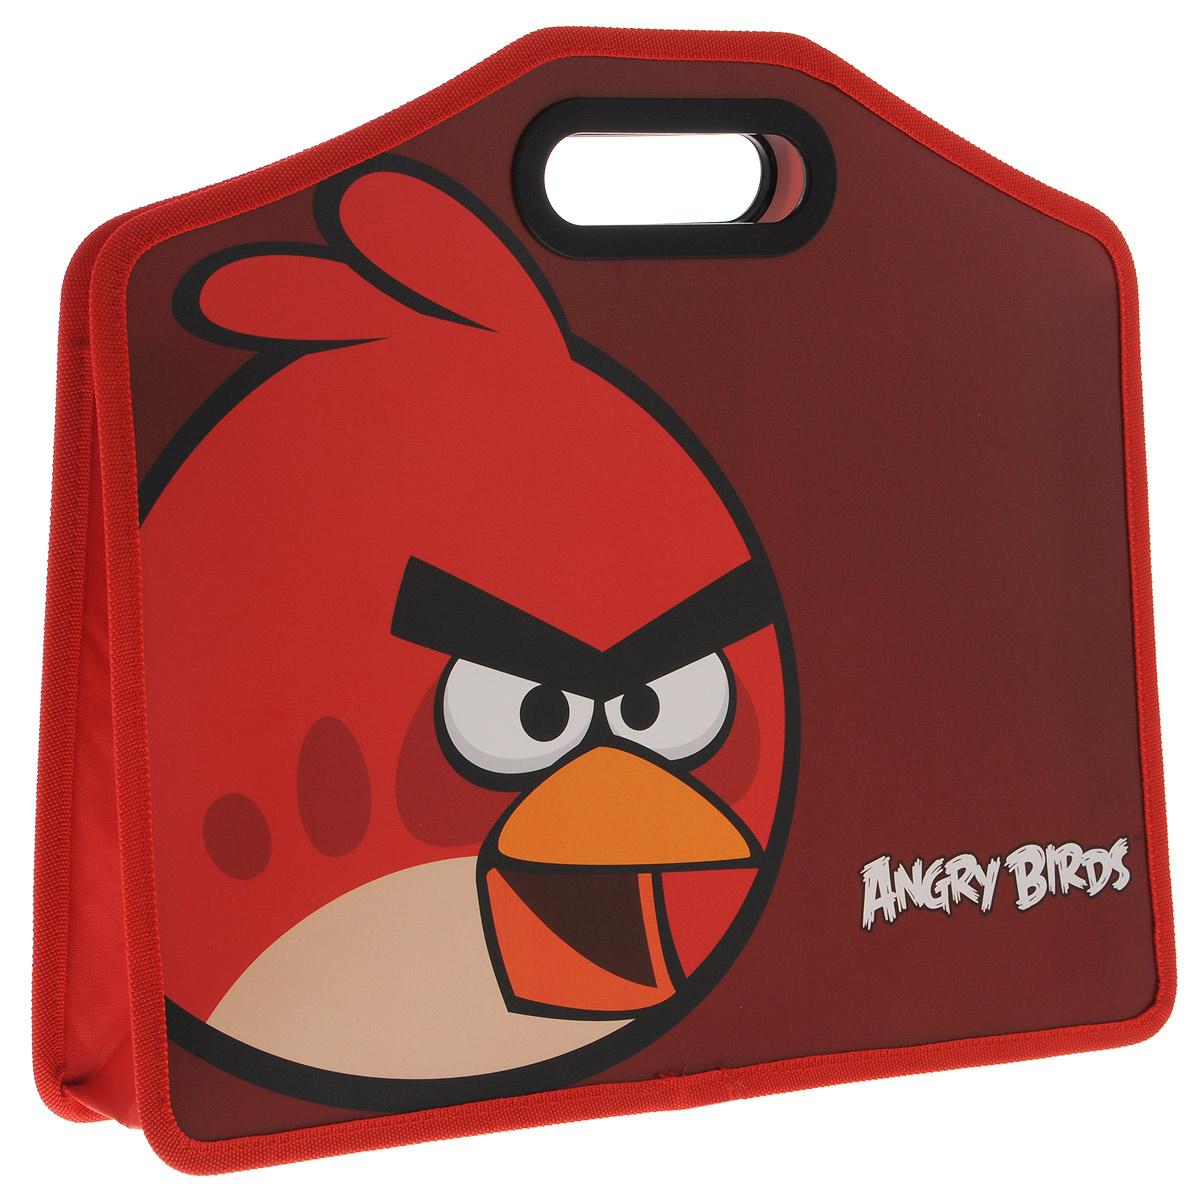 Папка-портфель Centrum Angry Birds, формат А4FS-36054Папка-портфель Angry Birds станет вашим верным помощником дома и в школе. Это удобный и функциональный инструмент, предназначенный для хранения и транспортировки бумаг формата А4, а также тетрадей и канцелярских принадлежностей.Папка изготовлена из износостойкого высококачественного пластика и состоит из одного вместительного отделения. Края папки обшиты полиэстером, а уголки закруглены для обеспечения дополнительной прочности и сохранности опрятного вида папки. Папка оснащена двумя удобными пластиковыми ручками и оформлена изображением героя знаменитой игры Angry Birds - красной птицы.Папка - это незаменимый атрибут для любого студента или школьника. Такая папка надежно сохранит ваши бумаги и сбережет их от повреждений, пыли и влаги, а любимые герои обязательно поднимут настроение!